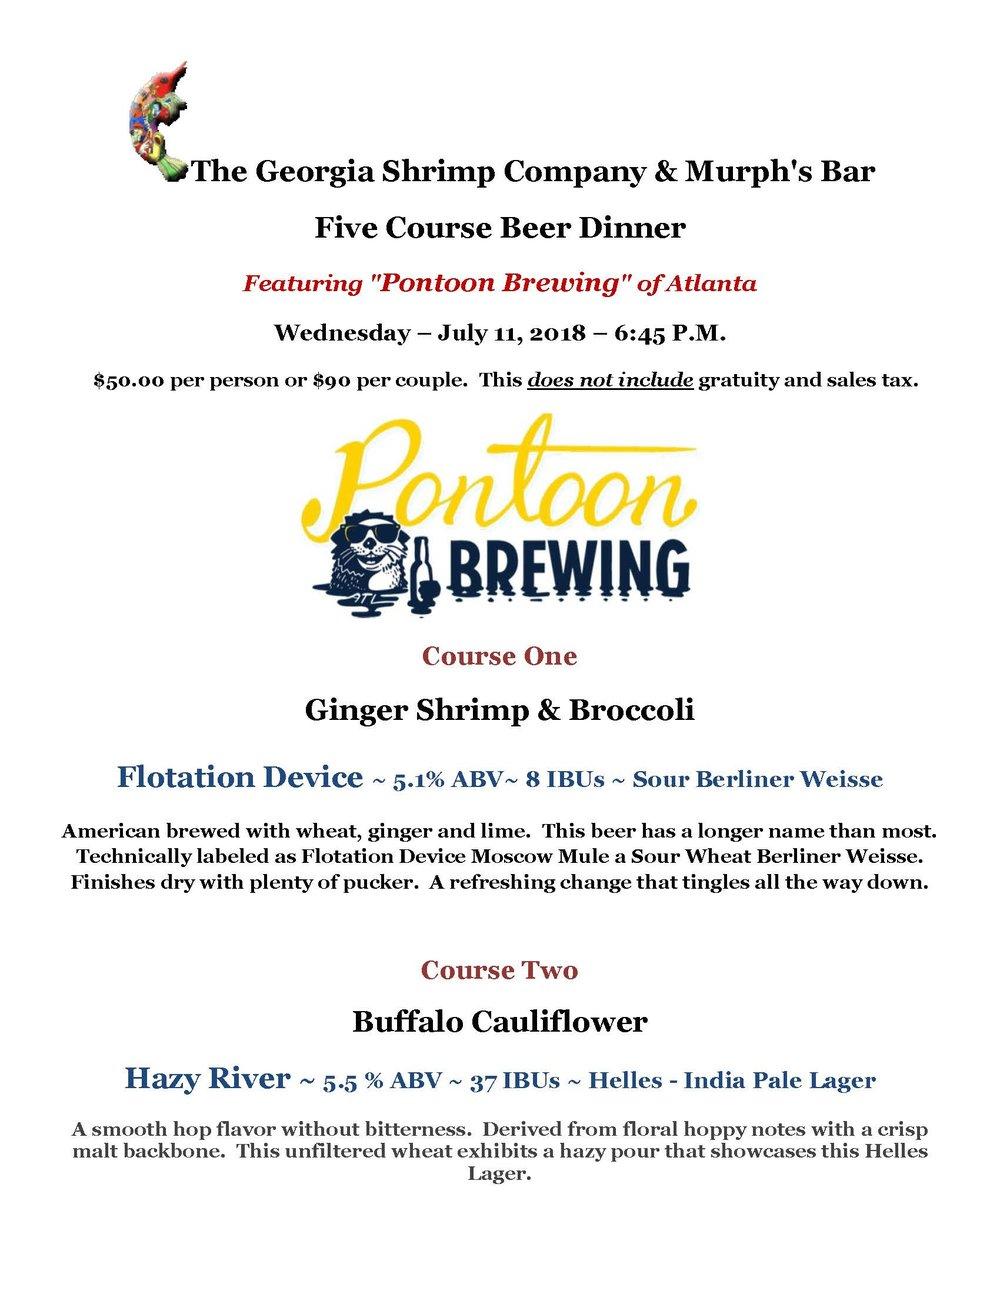 GAS+July Beer Dinner Menu Pairings   Beer Descriptions-070418 (002)_Page_1.jpg